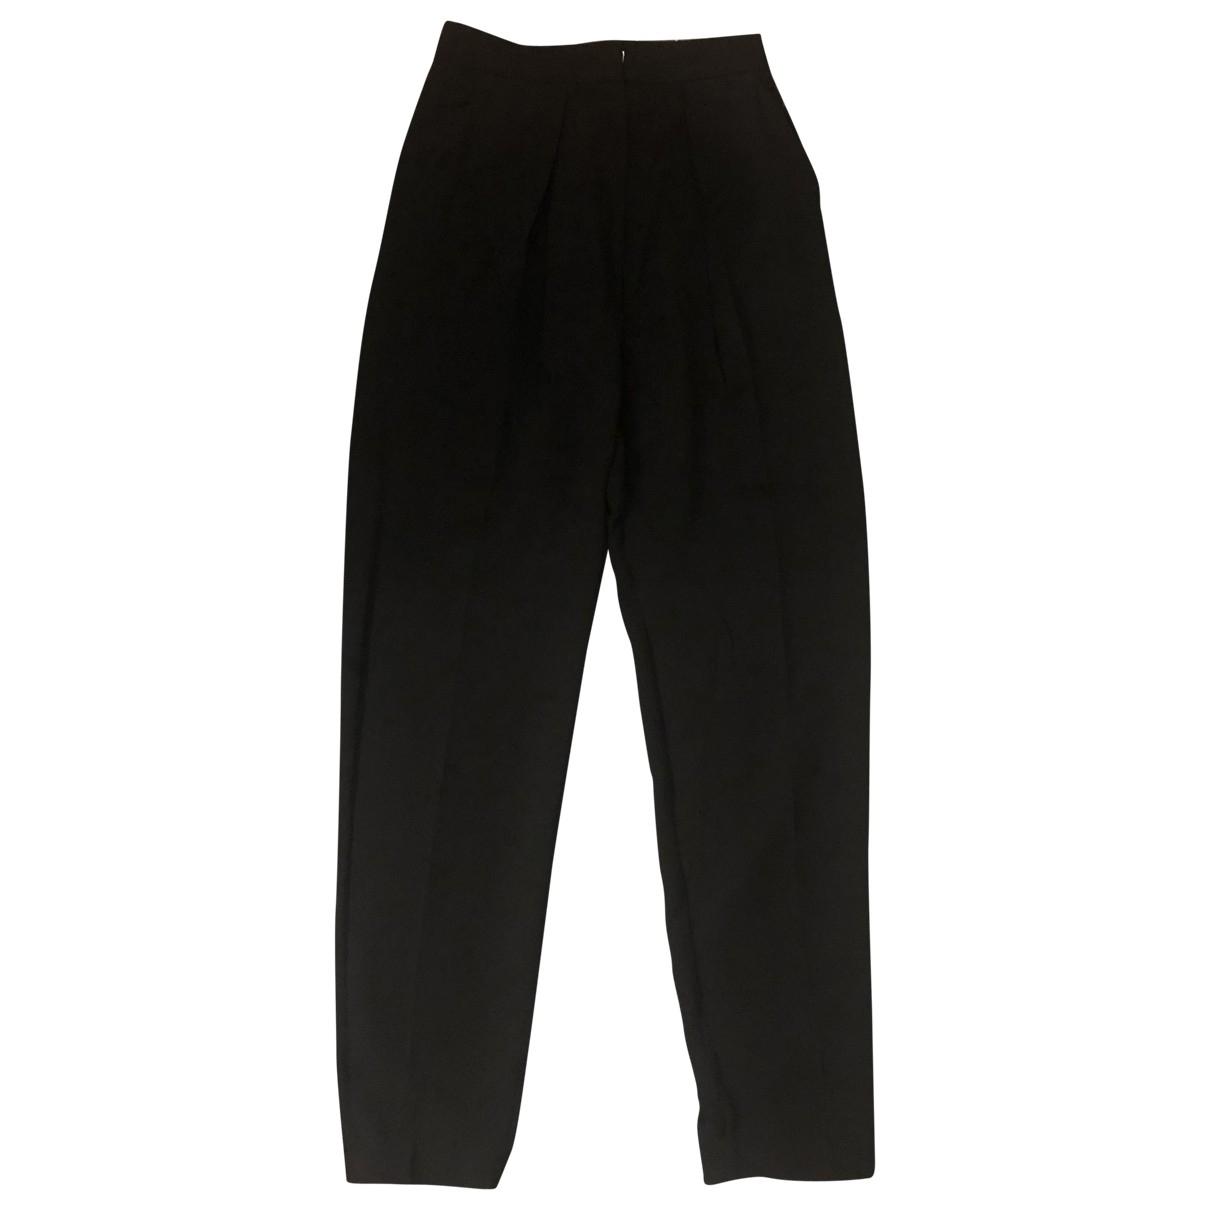 Joseph \N Black Trousers for Women 34 FR